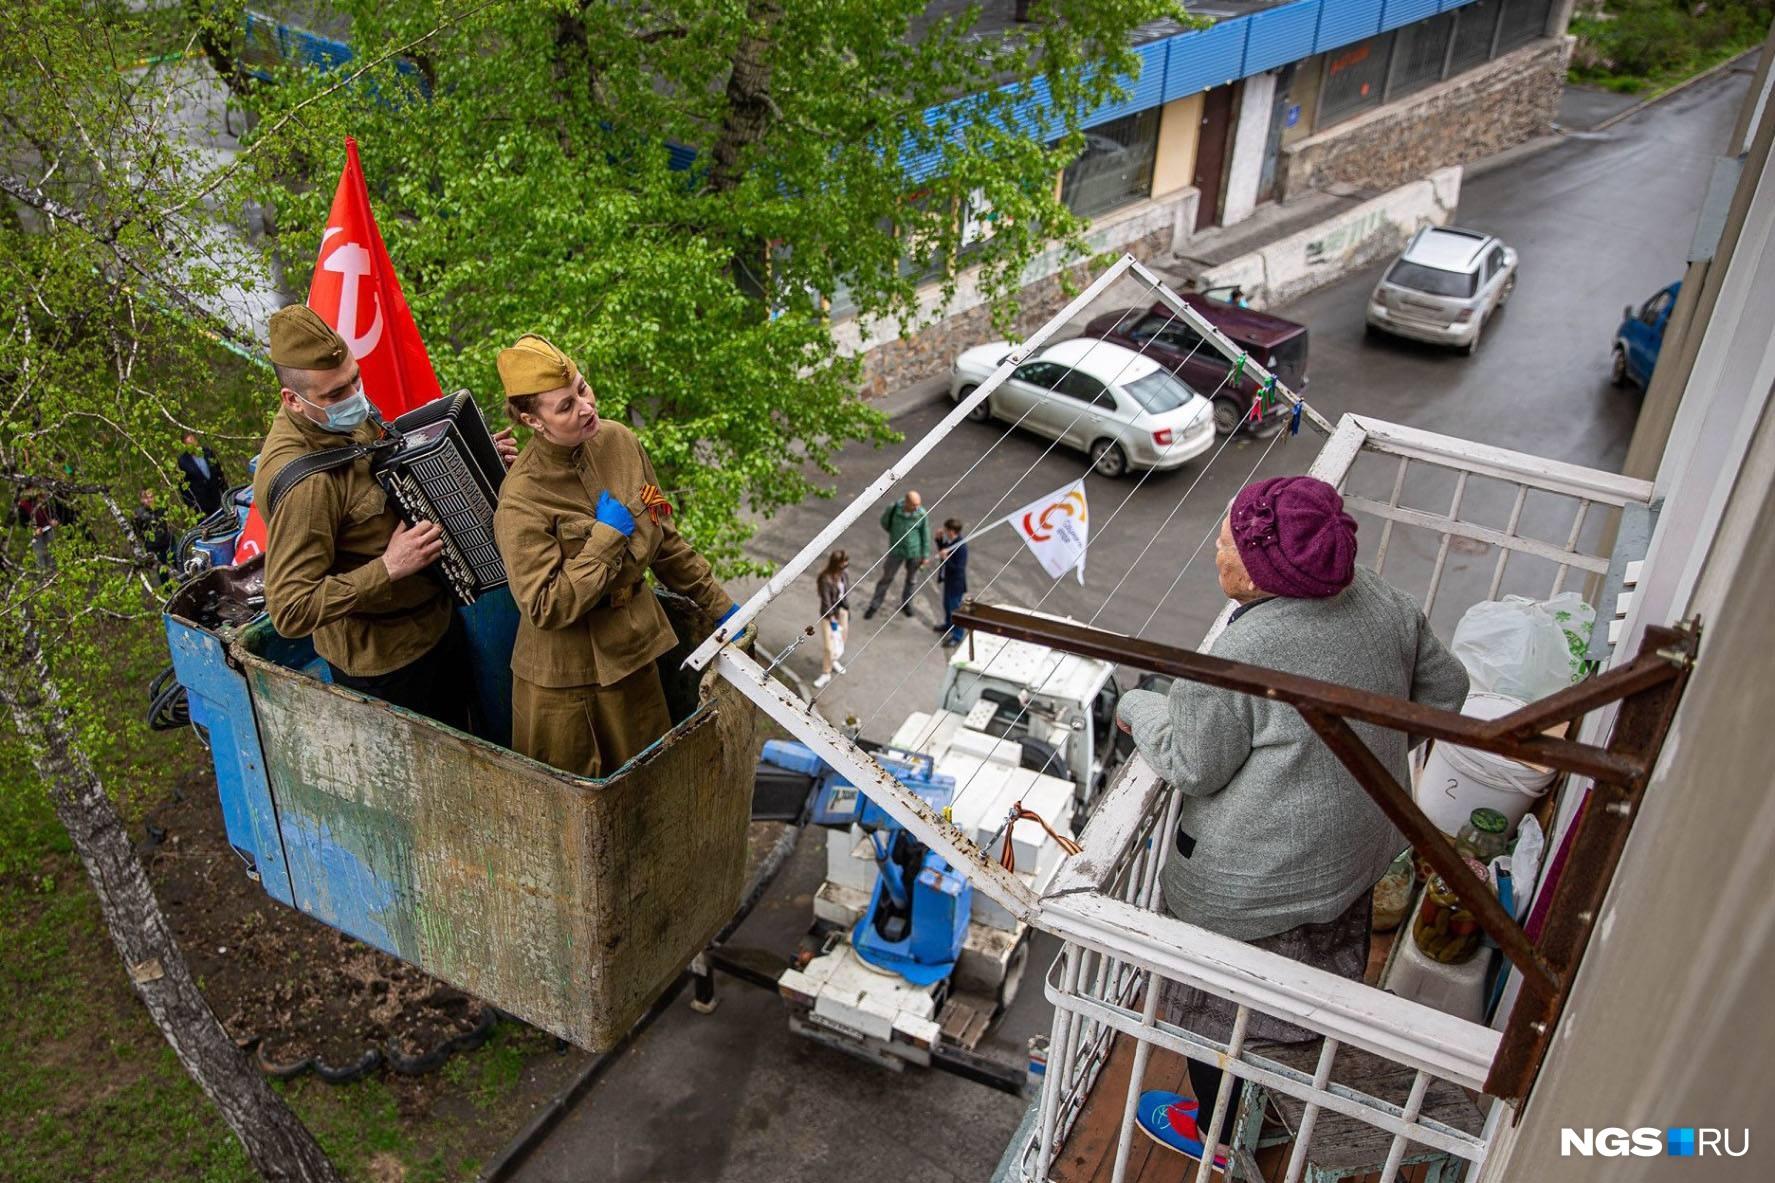 В Новосибирске артисты приезжали к домам ветеранов, чтобы поздравить их с праздником. Самые находчивые подбирались к старикам, живущим на верхних этажах, на подъемнике